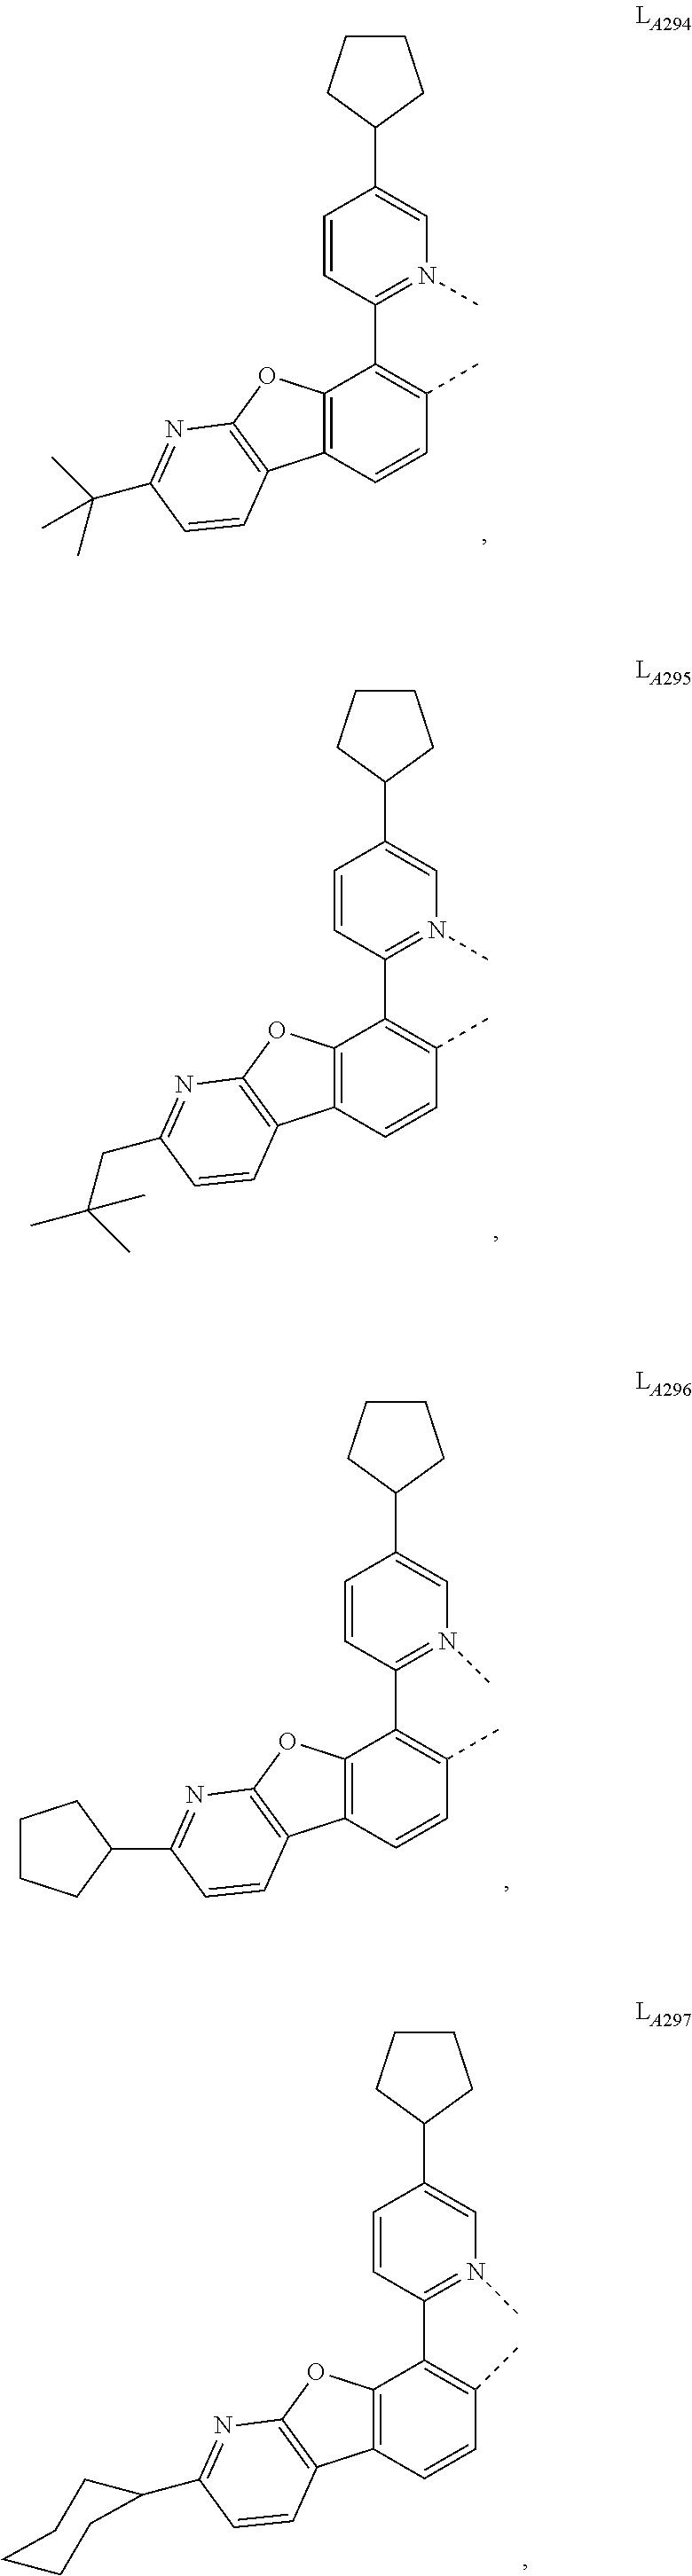 Figure US20160049599A1-20160218-C00078